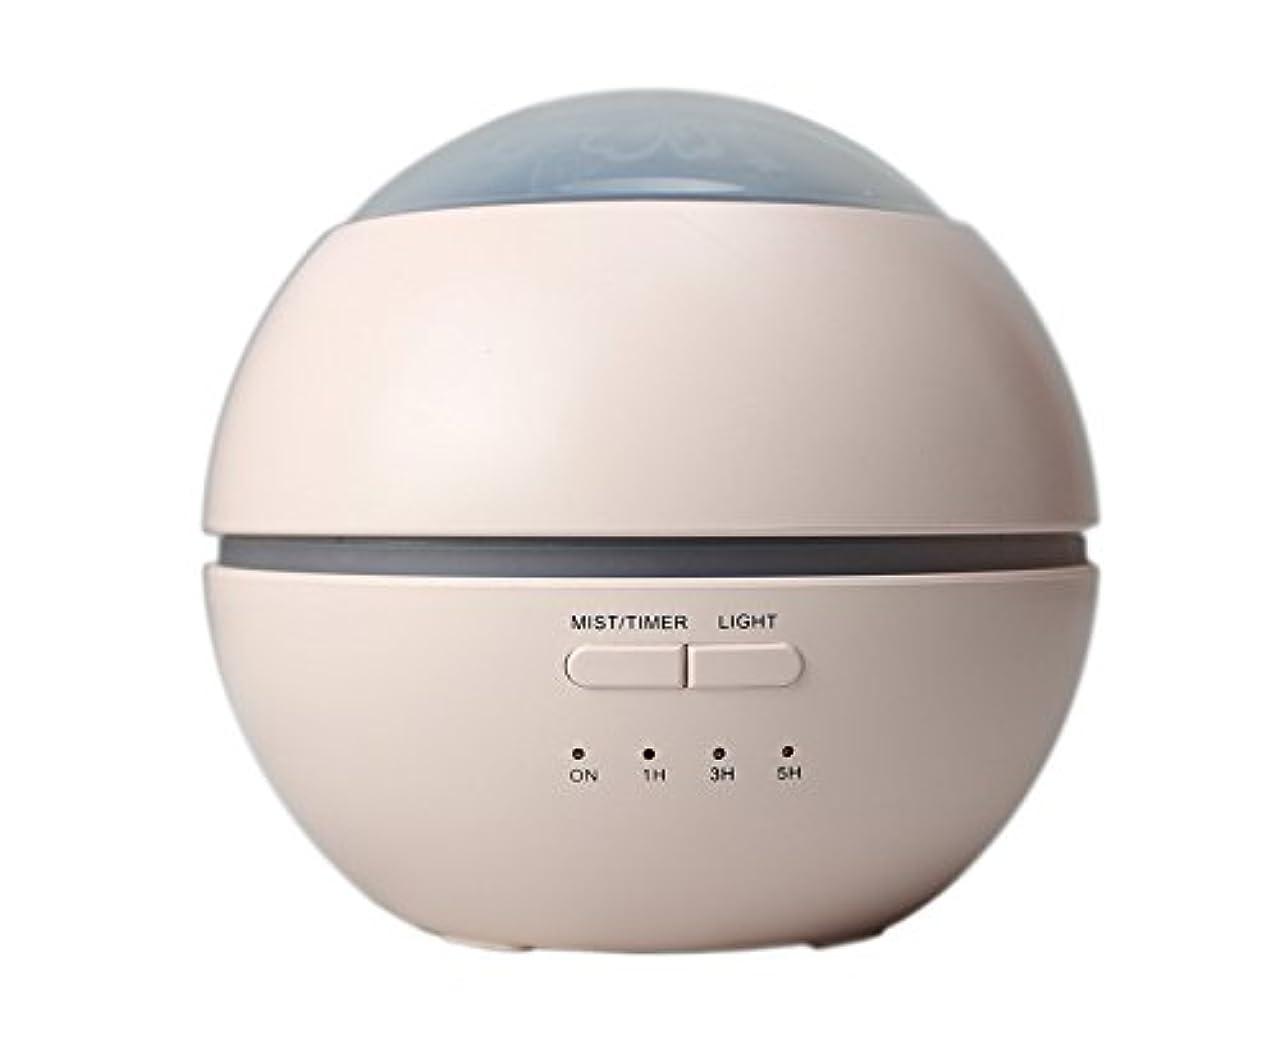 乳白四クリスチャンLIBESON 加湿器 卓上 超音波式 アロマディフューザー 8色LEDライト変換 超静音 ミス調整可能 時間設定タイマー機能付き 空焚き防止機能搭載 アロマ加湿器 ホワイト150mL (ピンク)